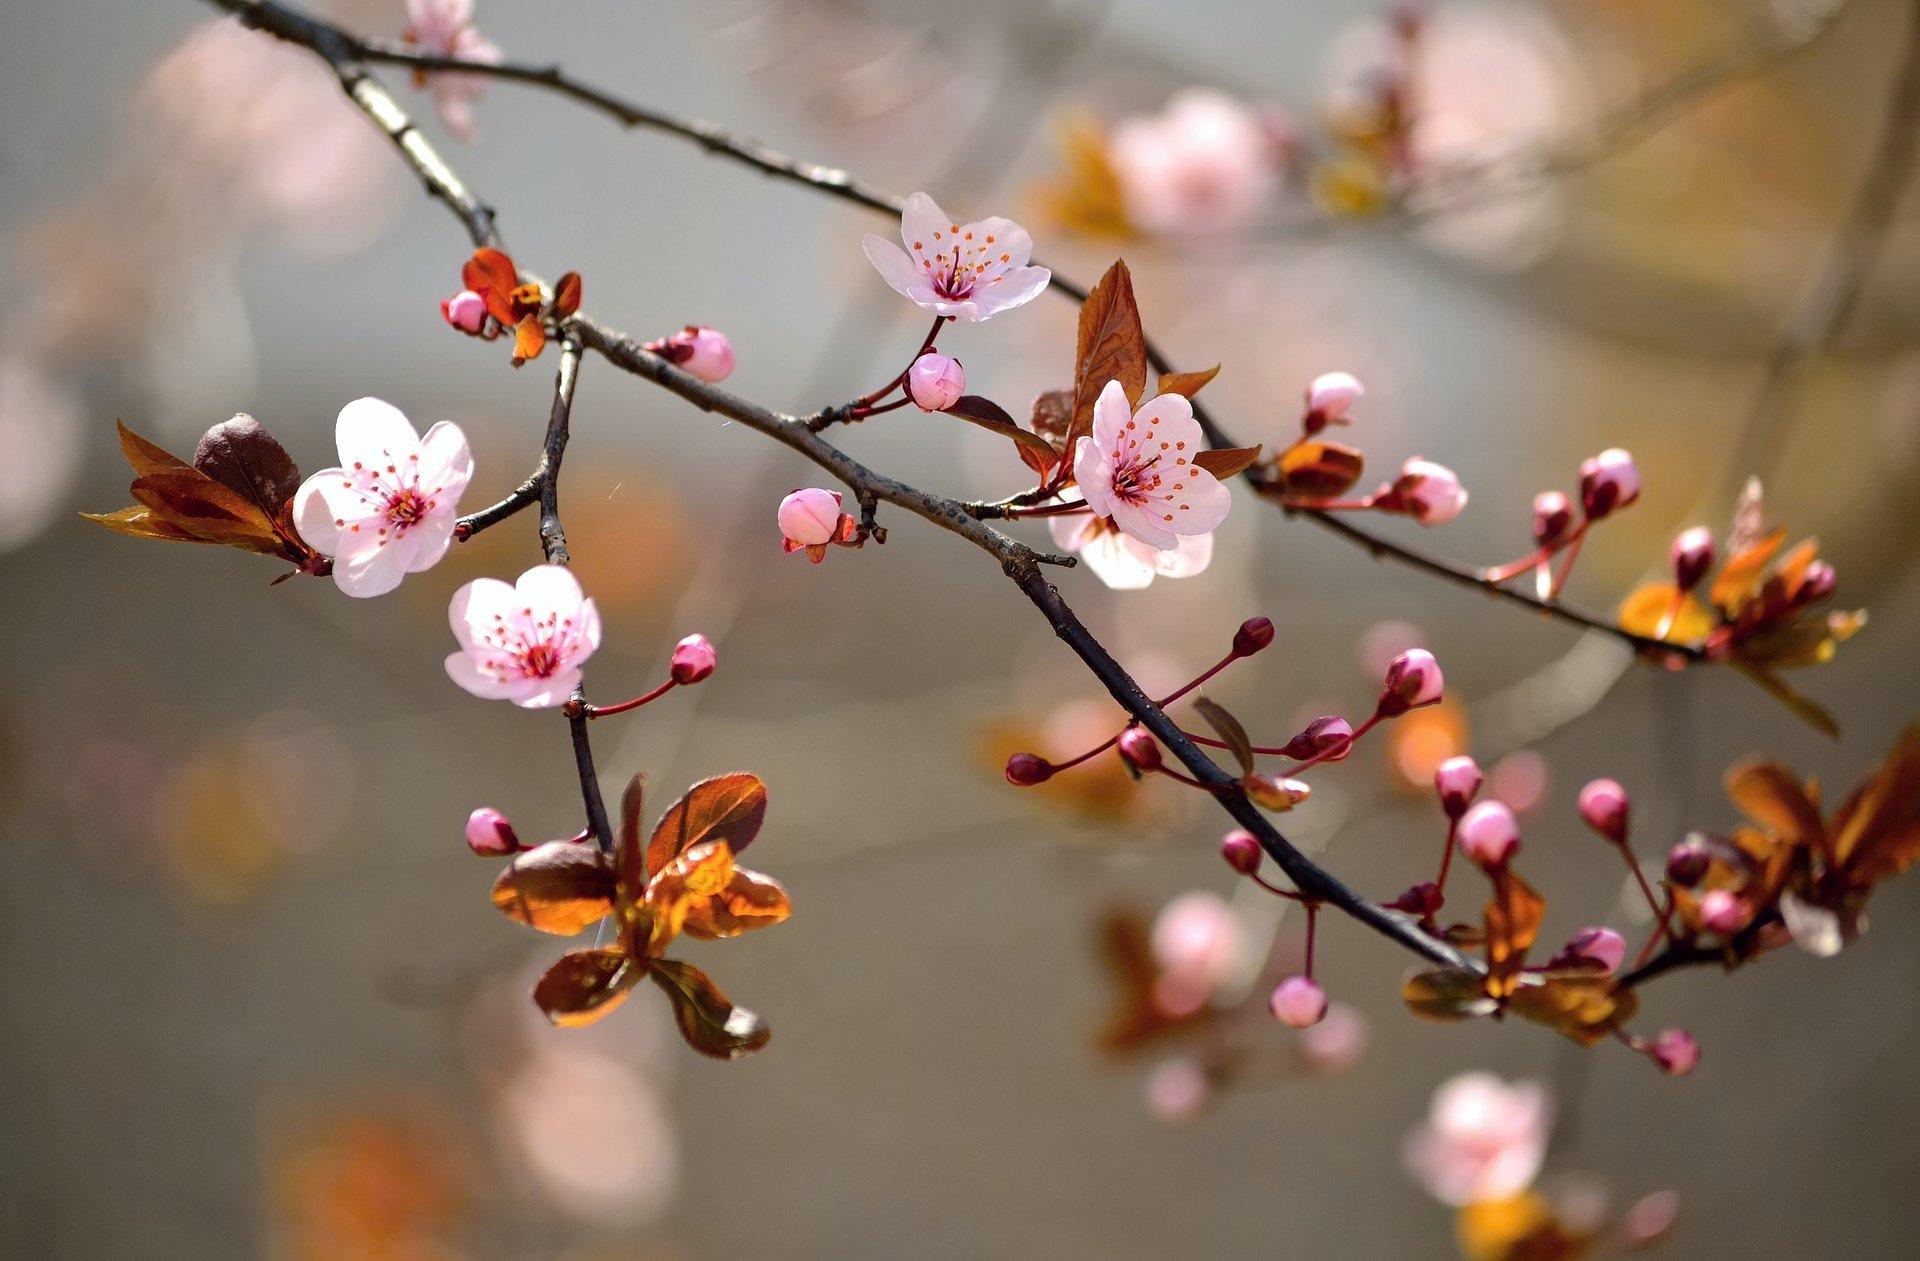 весна фото обои для мобильника последнее время